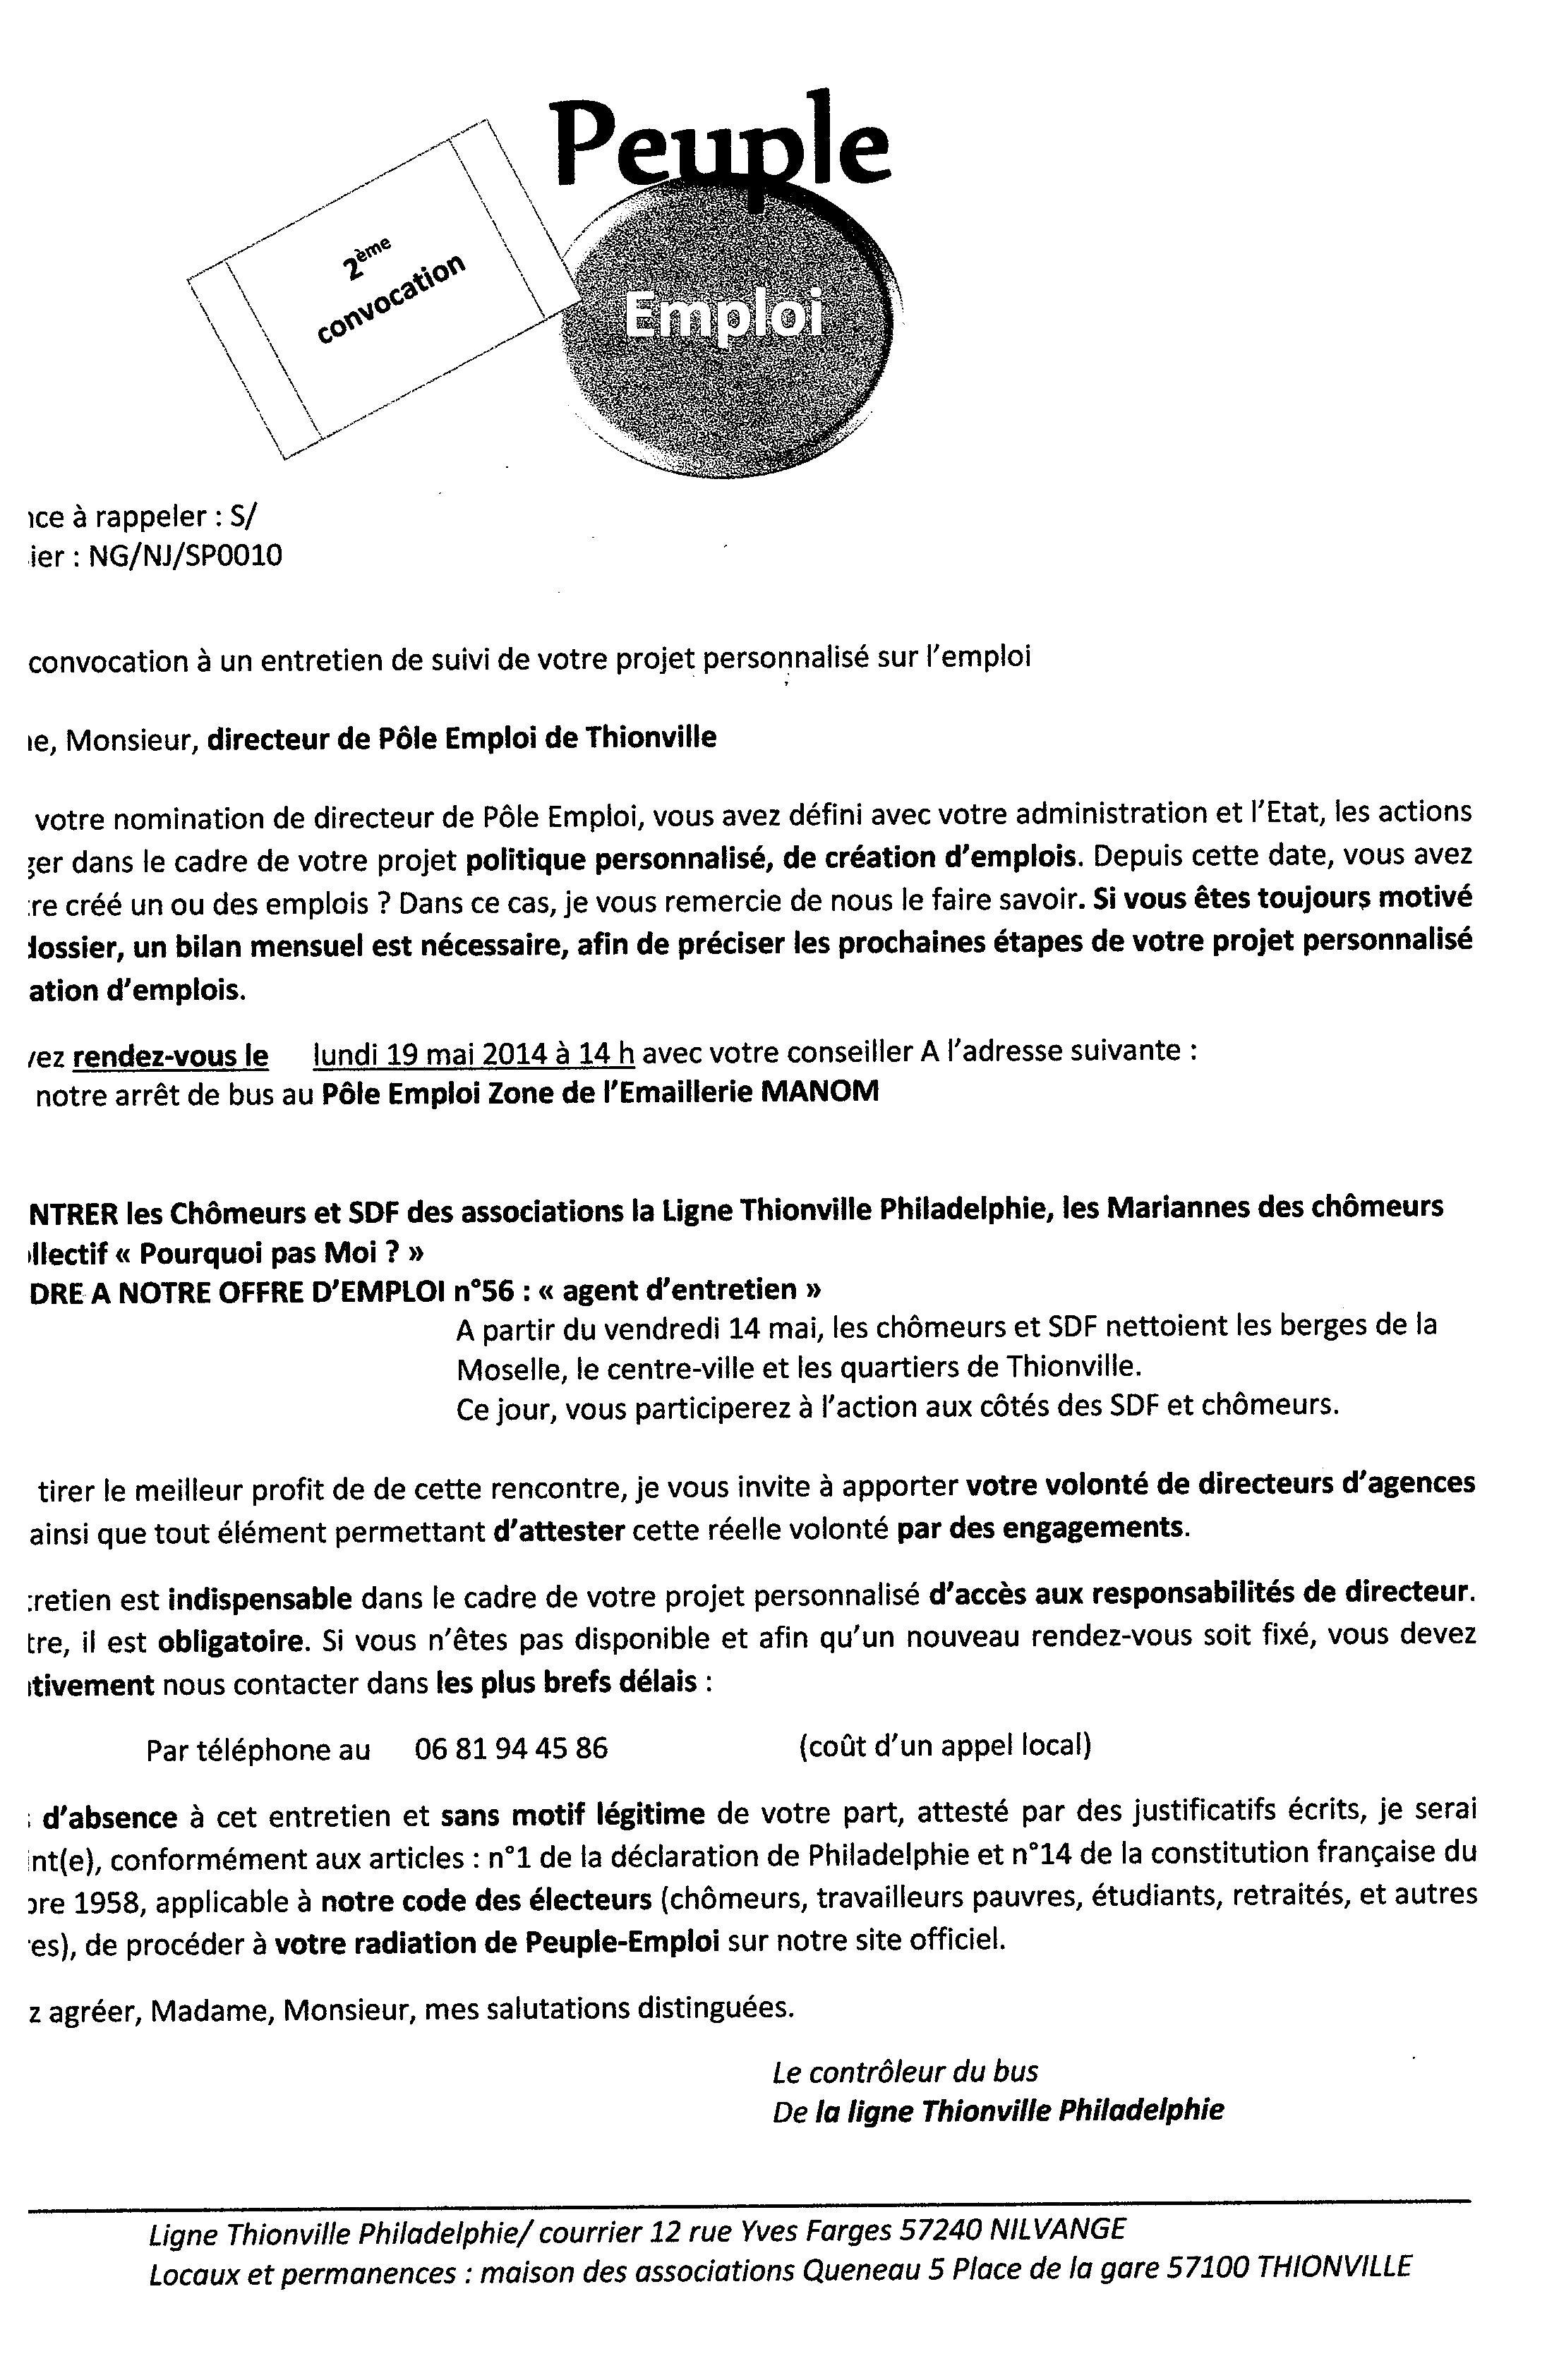 Convocation Directeur Pole Emploi Thionville